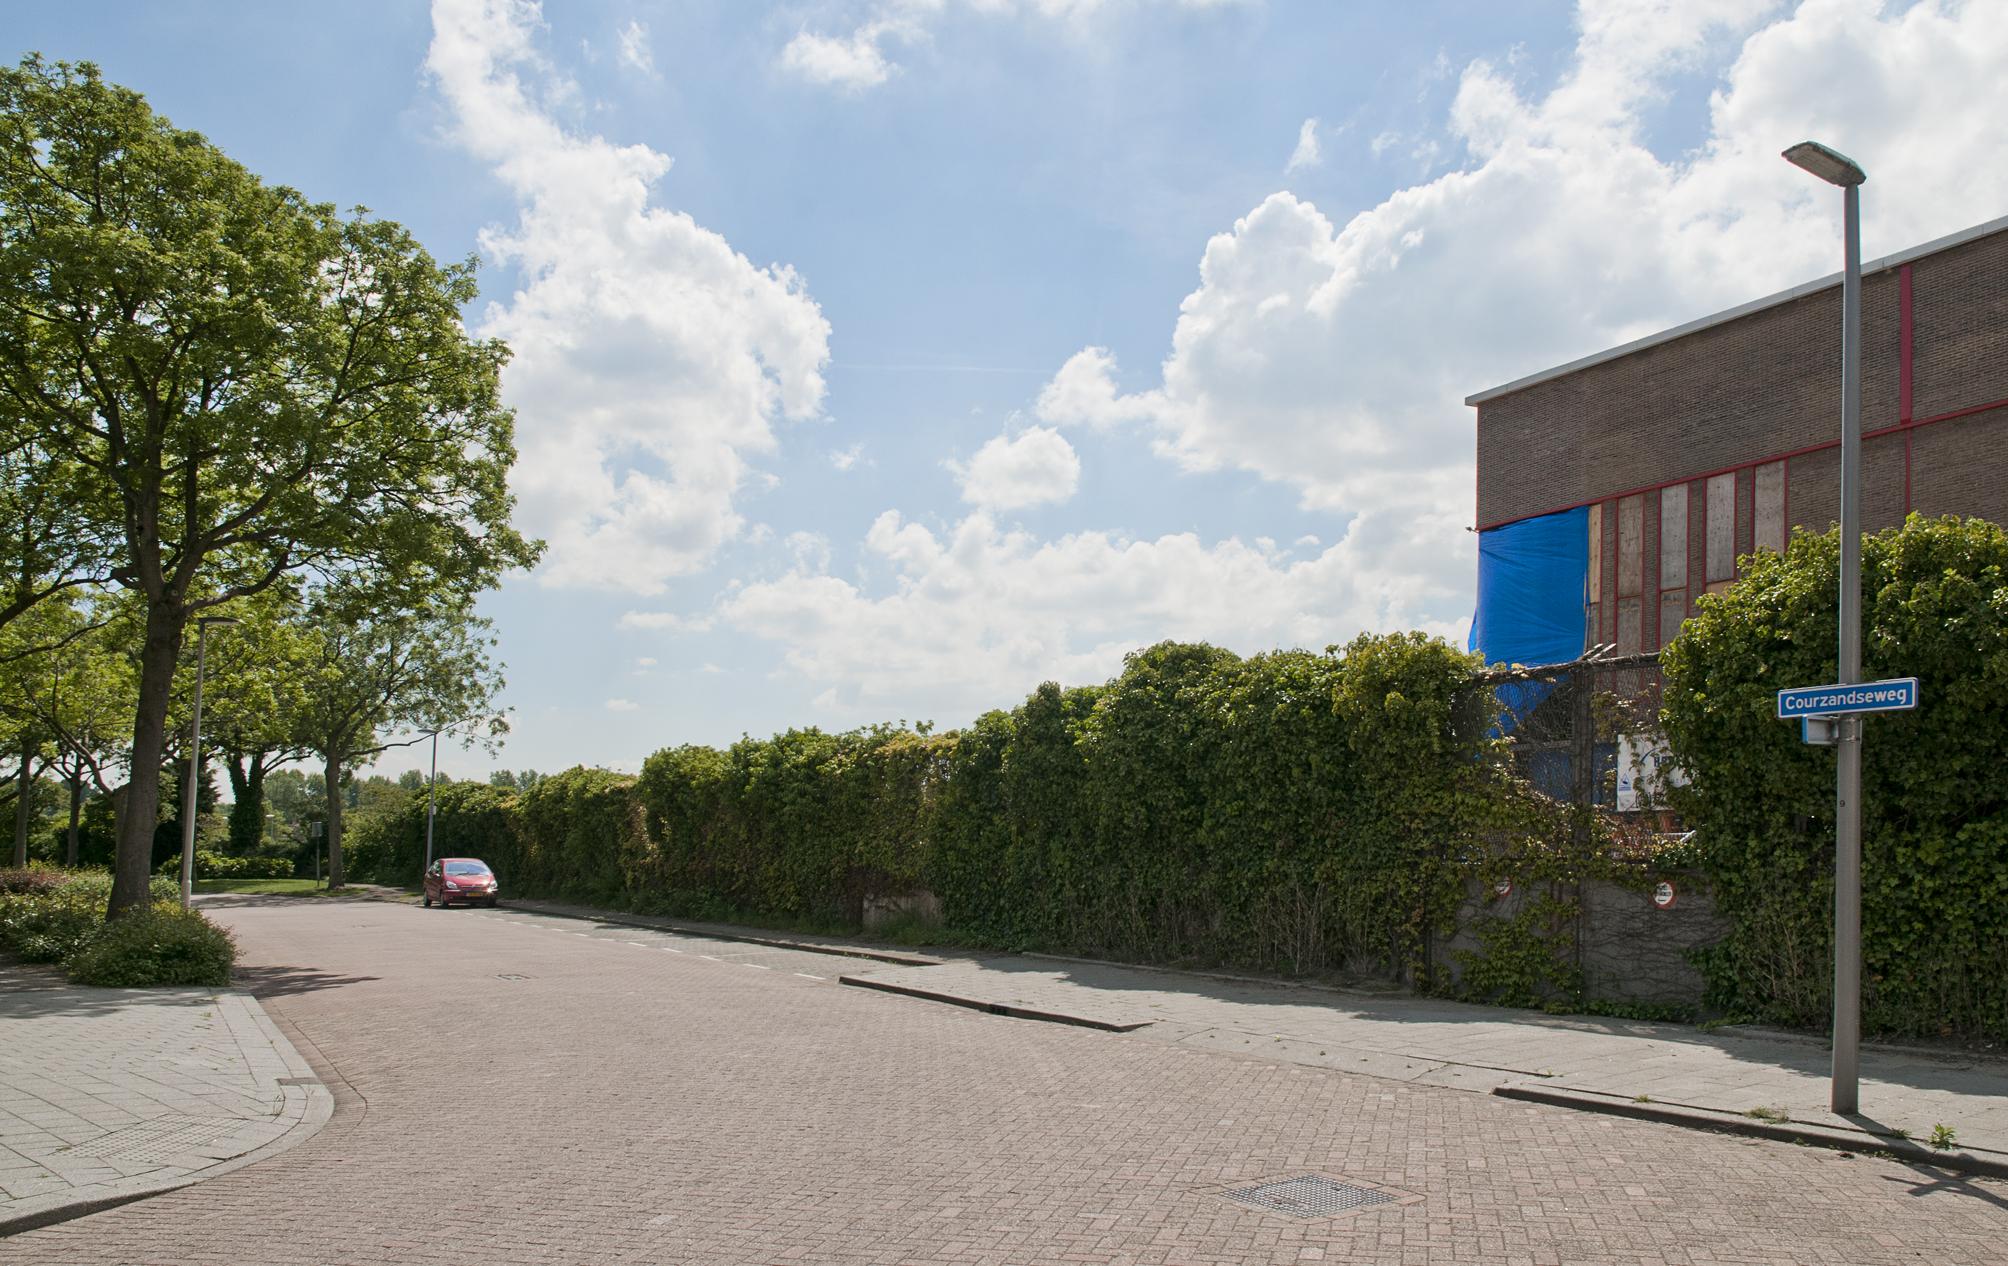 Courzandseweg, officiële straatnaam van de gemeente Rotterdam bij beslissing van B&W sinds 23 januari 1906